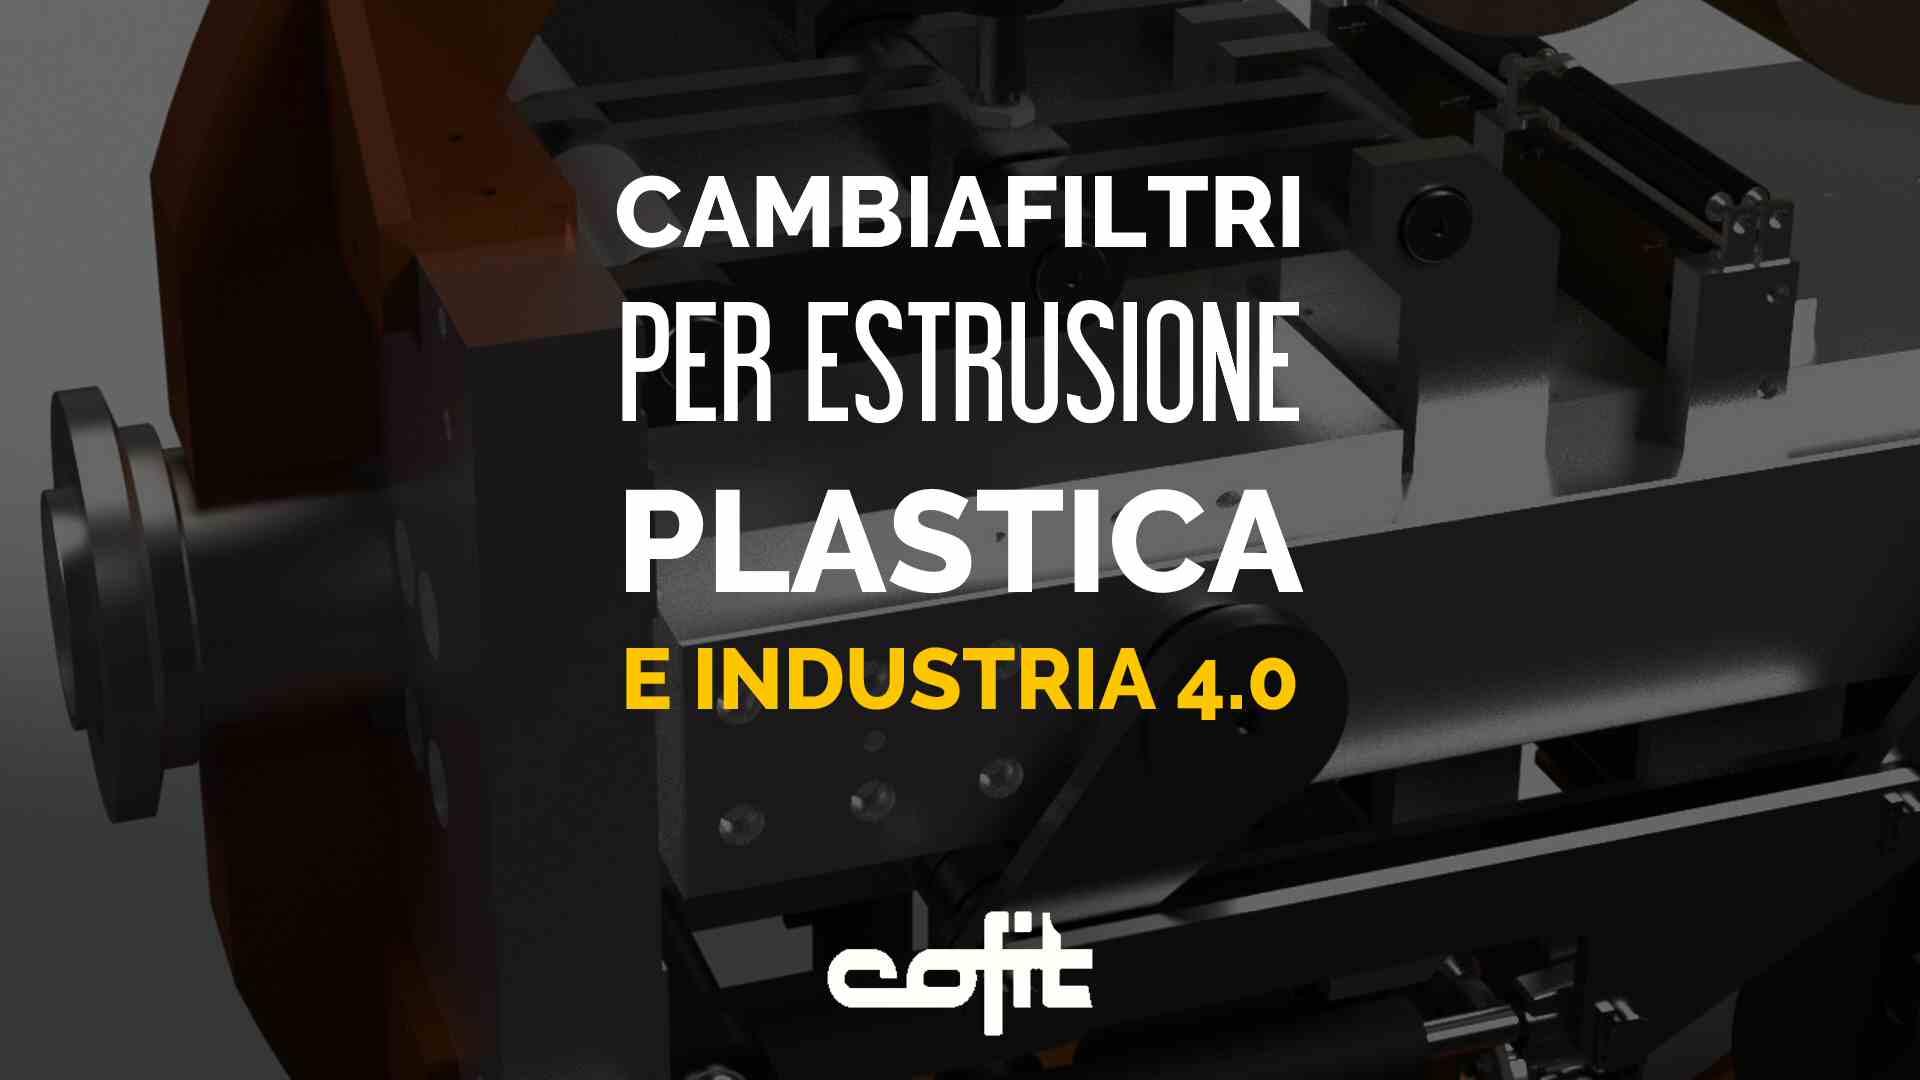 Cambiafiltri per estrusione plastica e Industria 4.0